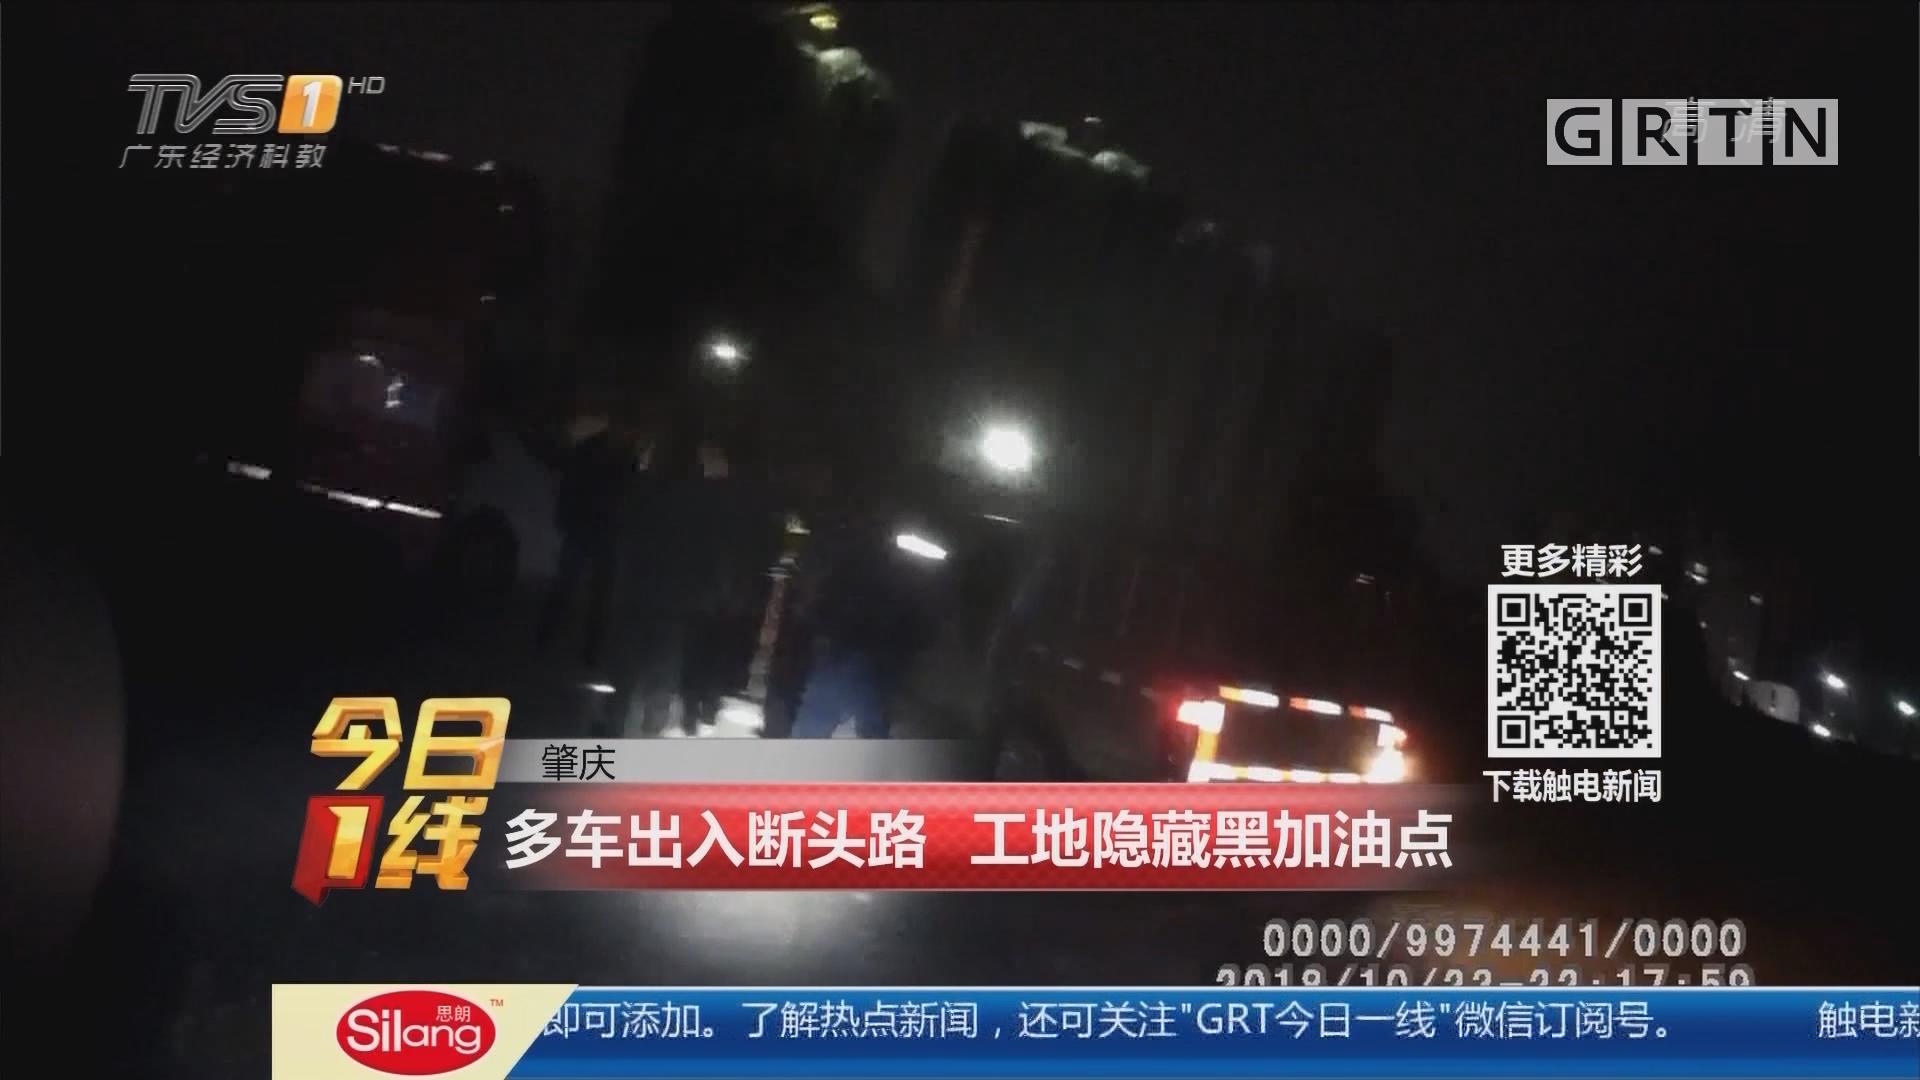 肇庆:多车出入断头路 工地隐藏黑加油点